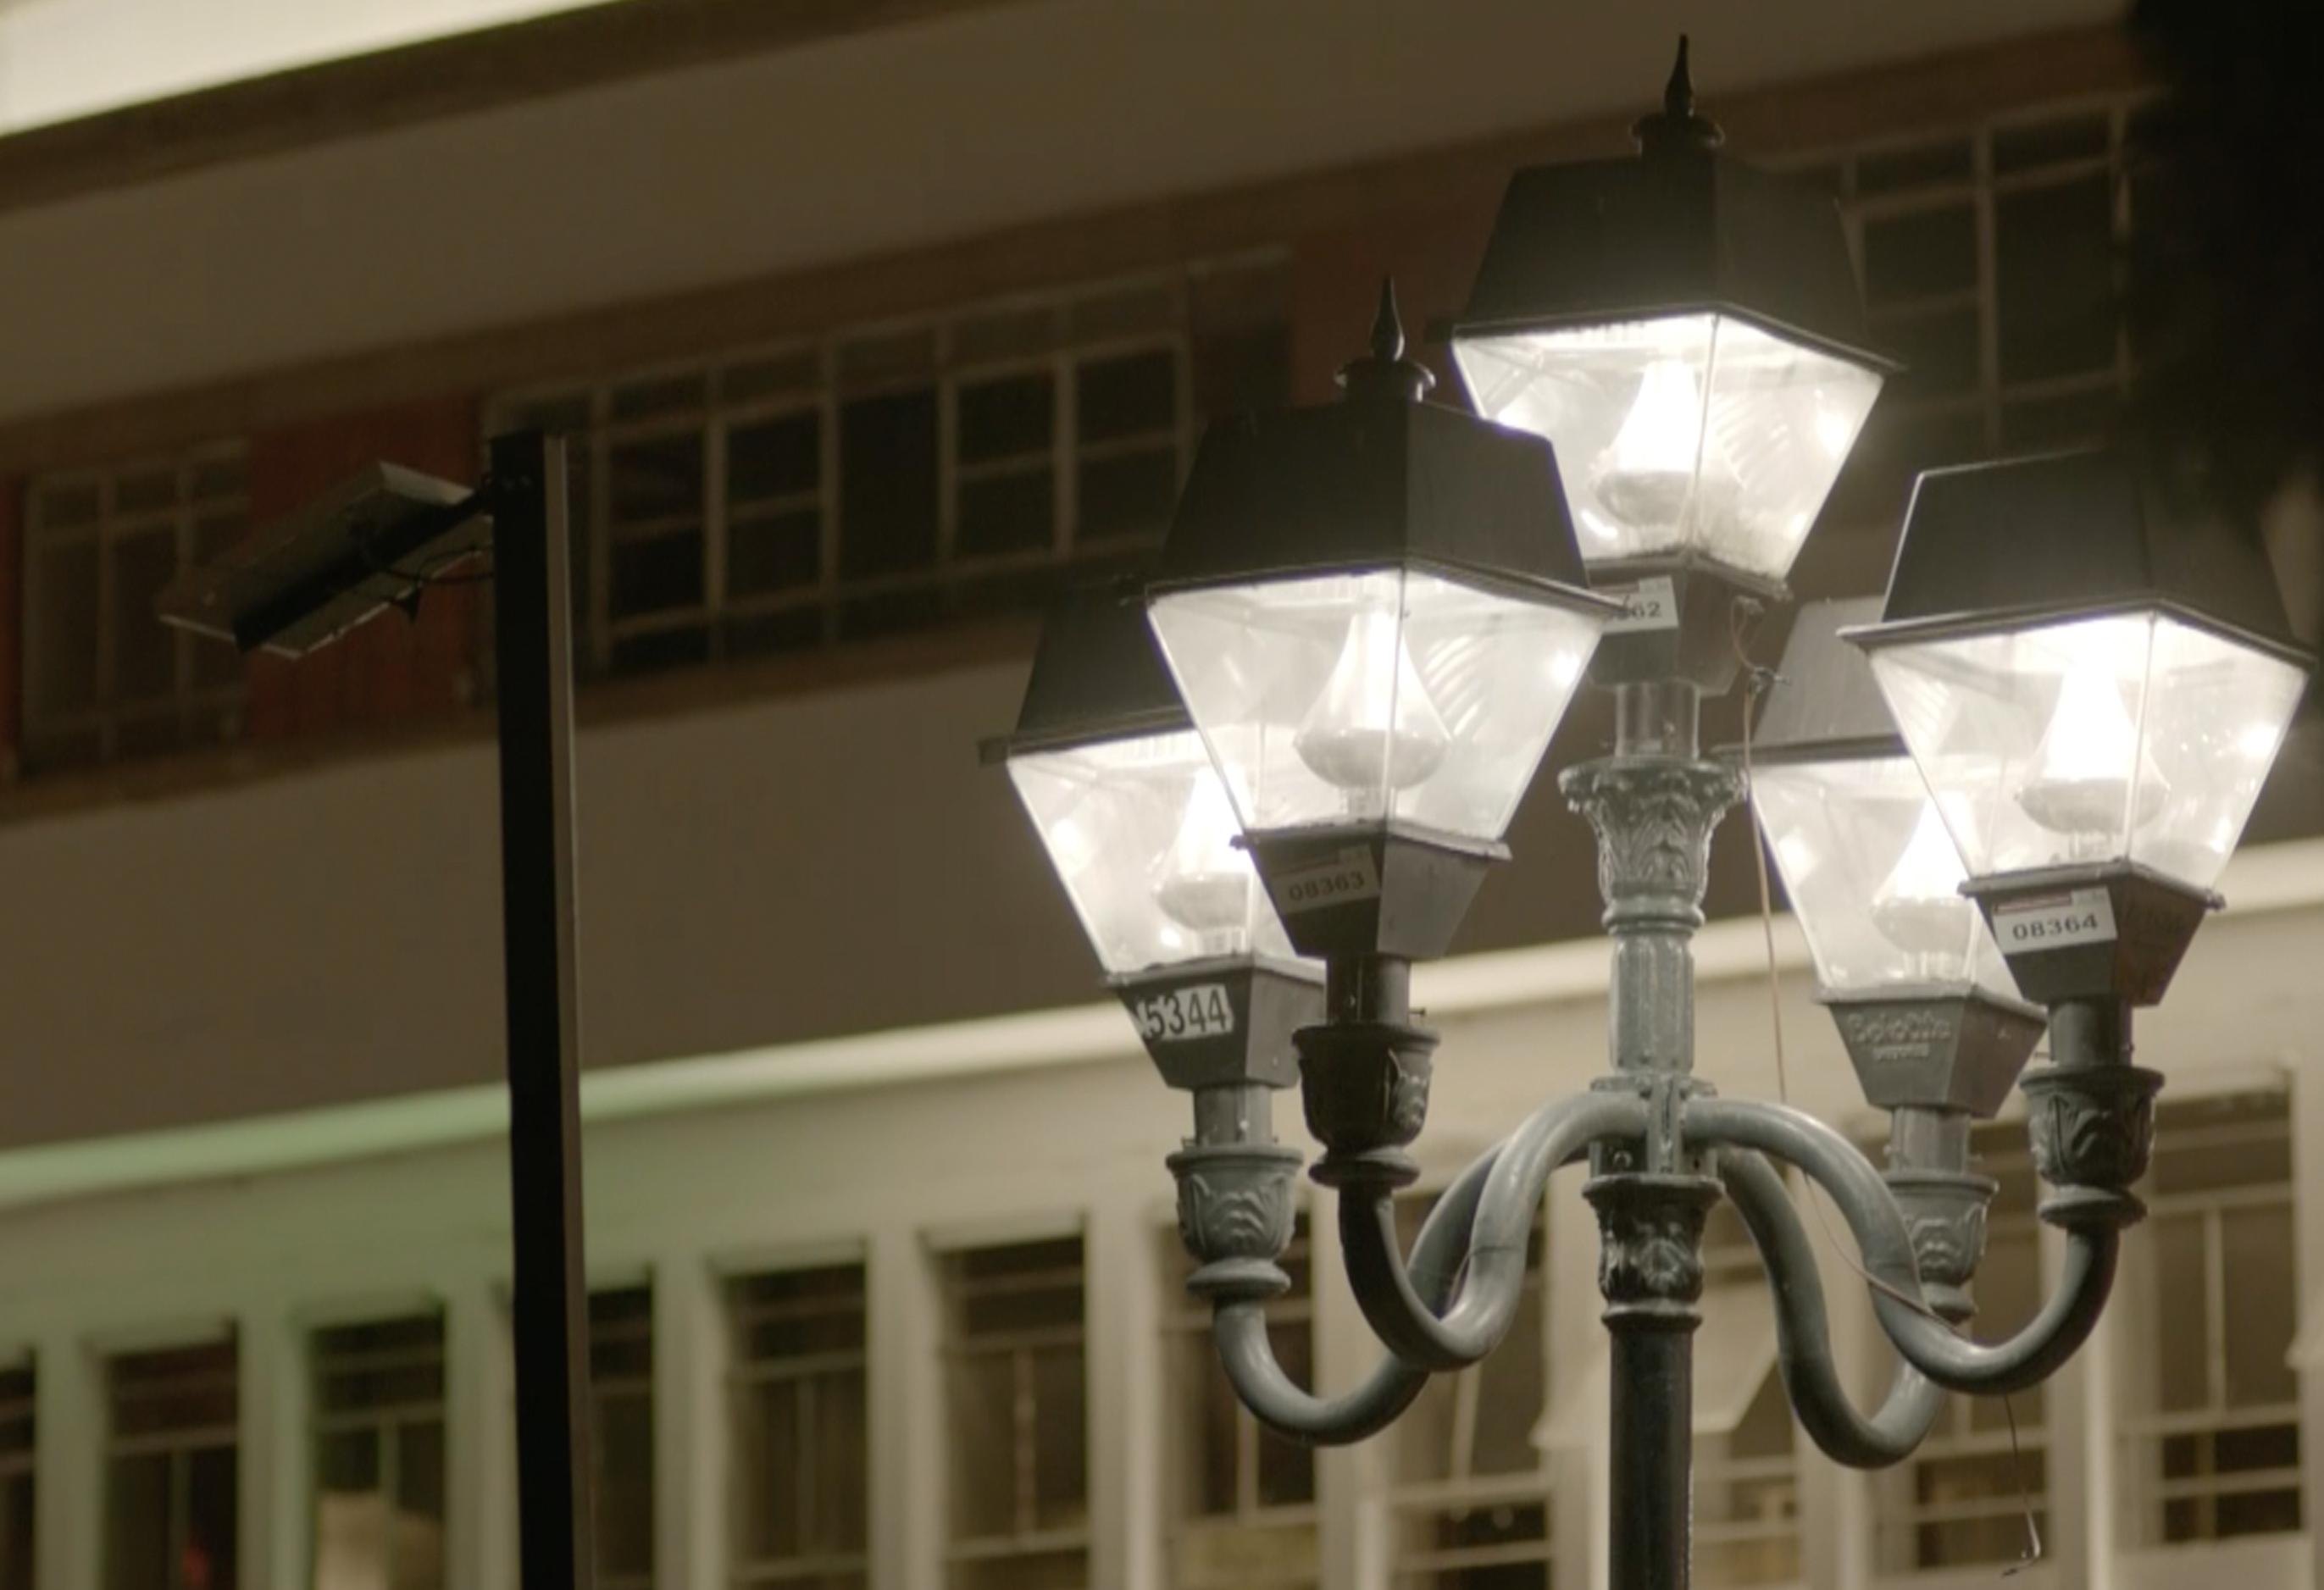 Nuevas luminarias ecológicas o ahorradoras en Durango